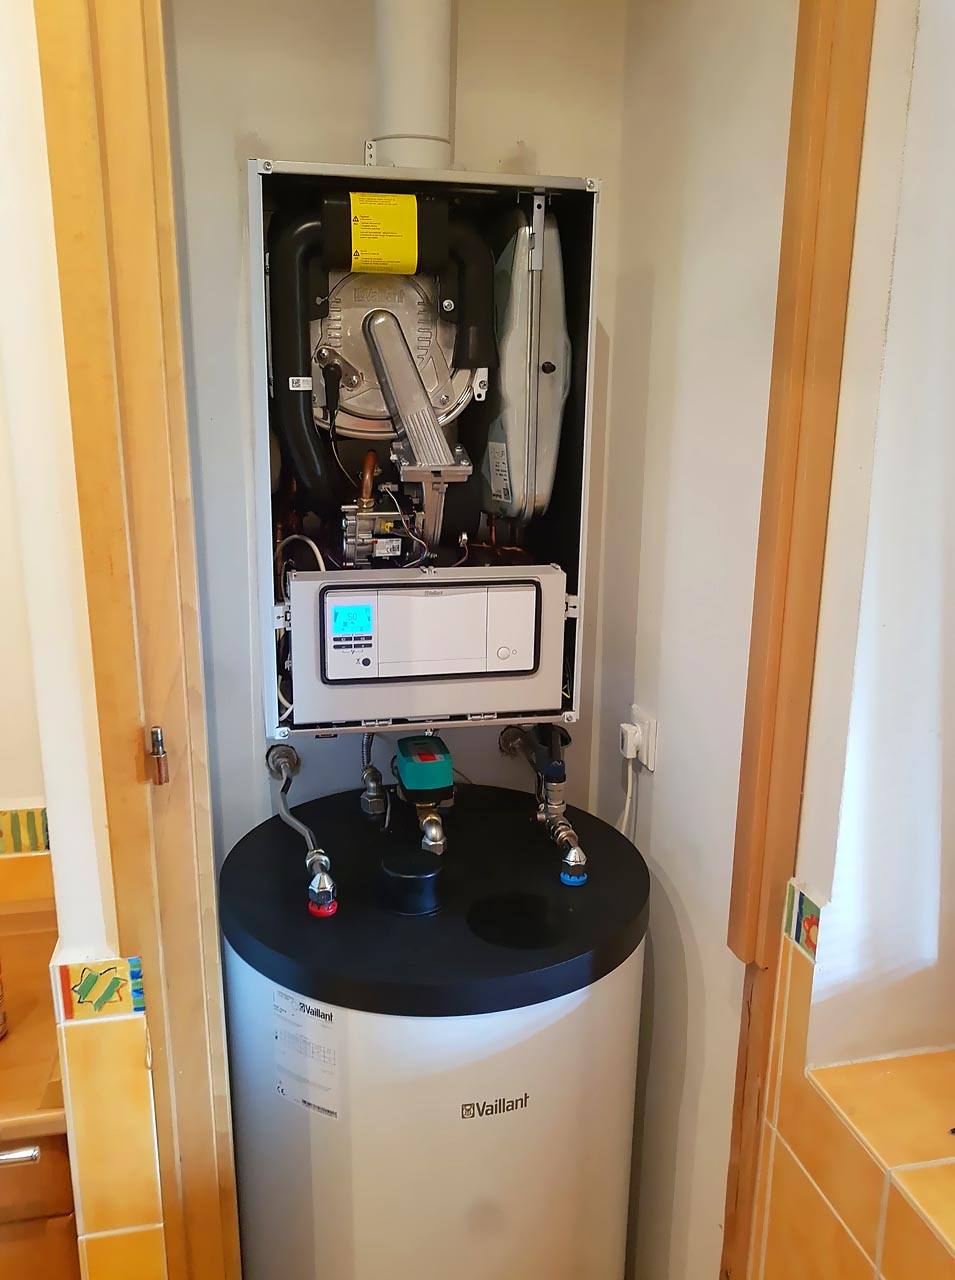 Výměna plynového atmosférického kotle Vaillant a nepřímotopného zásobníku Vaillant o objemu 150litrů za nový kondenzační kotel Vaillant VU 256/5-5 ecoTEC Plus a zásobník Vaillant VIH 150/6B